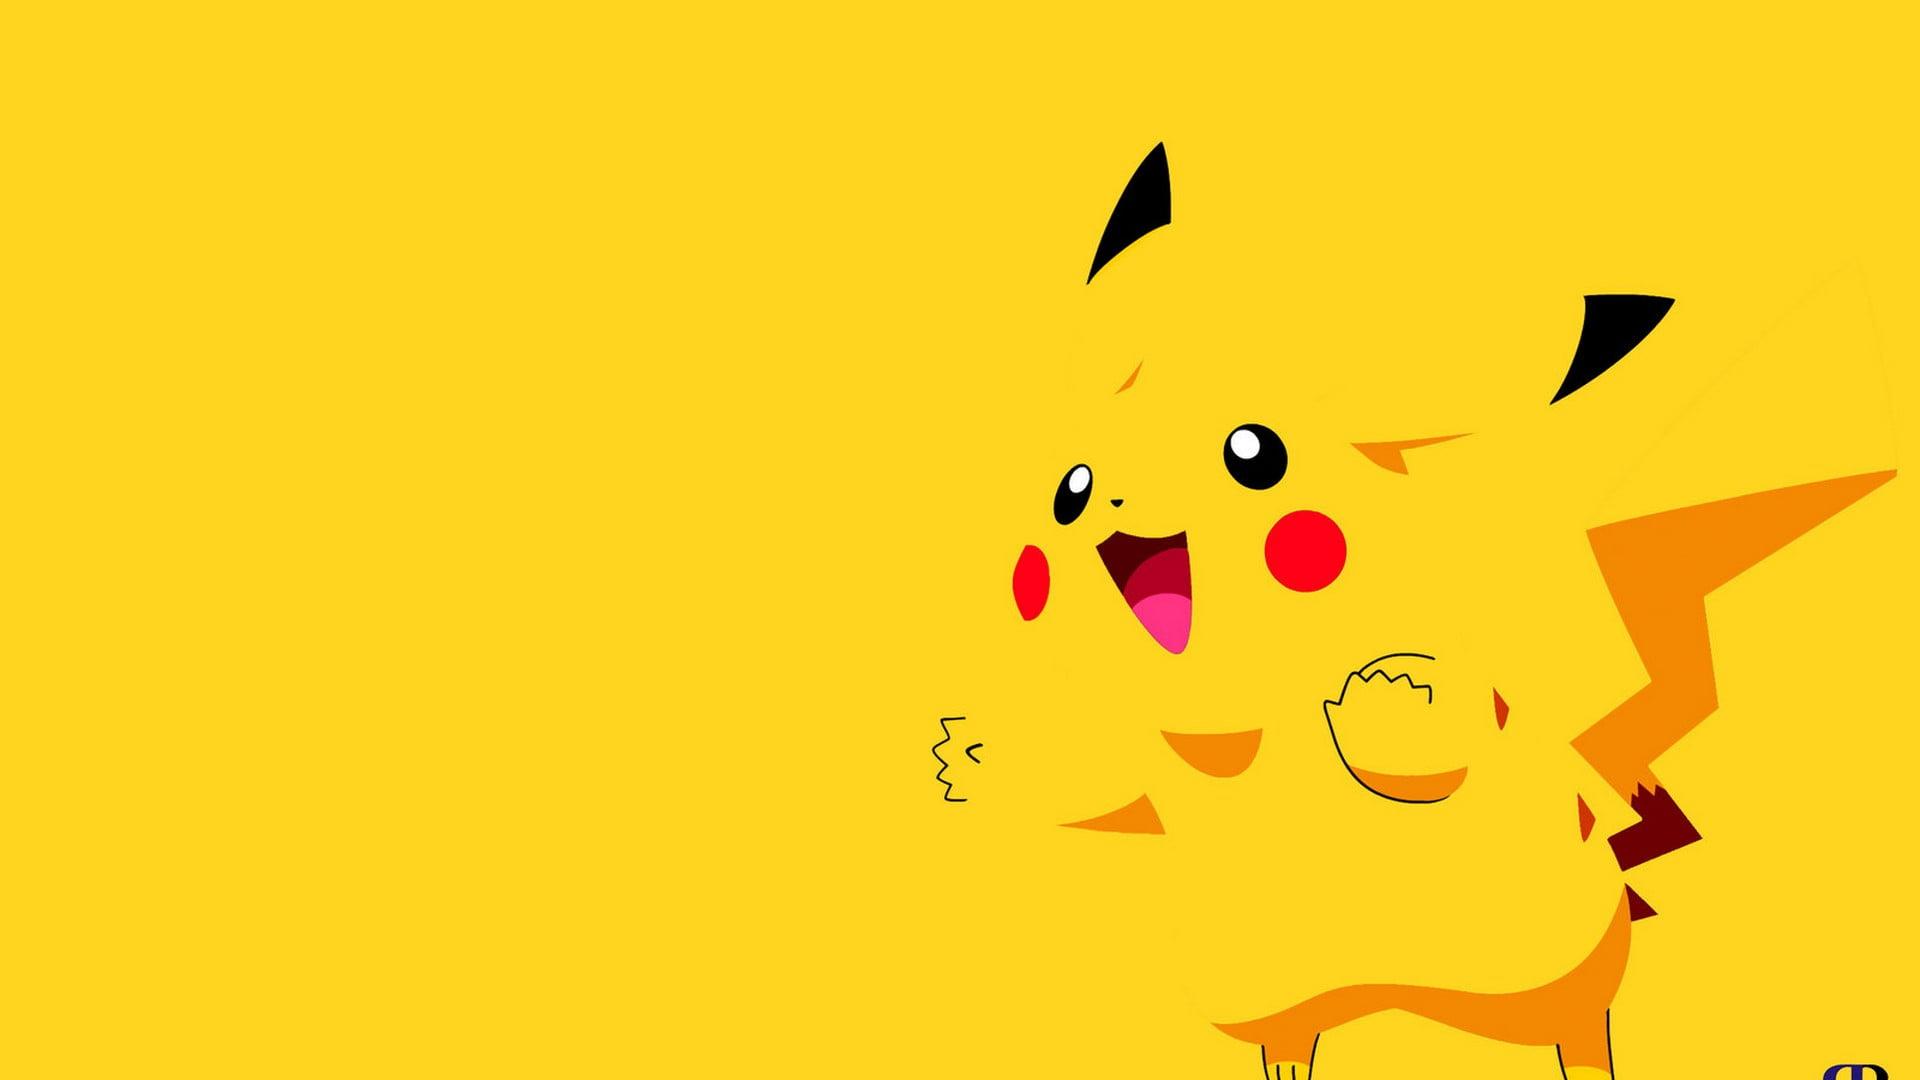 hình nền máy tính Pokemon vàng